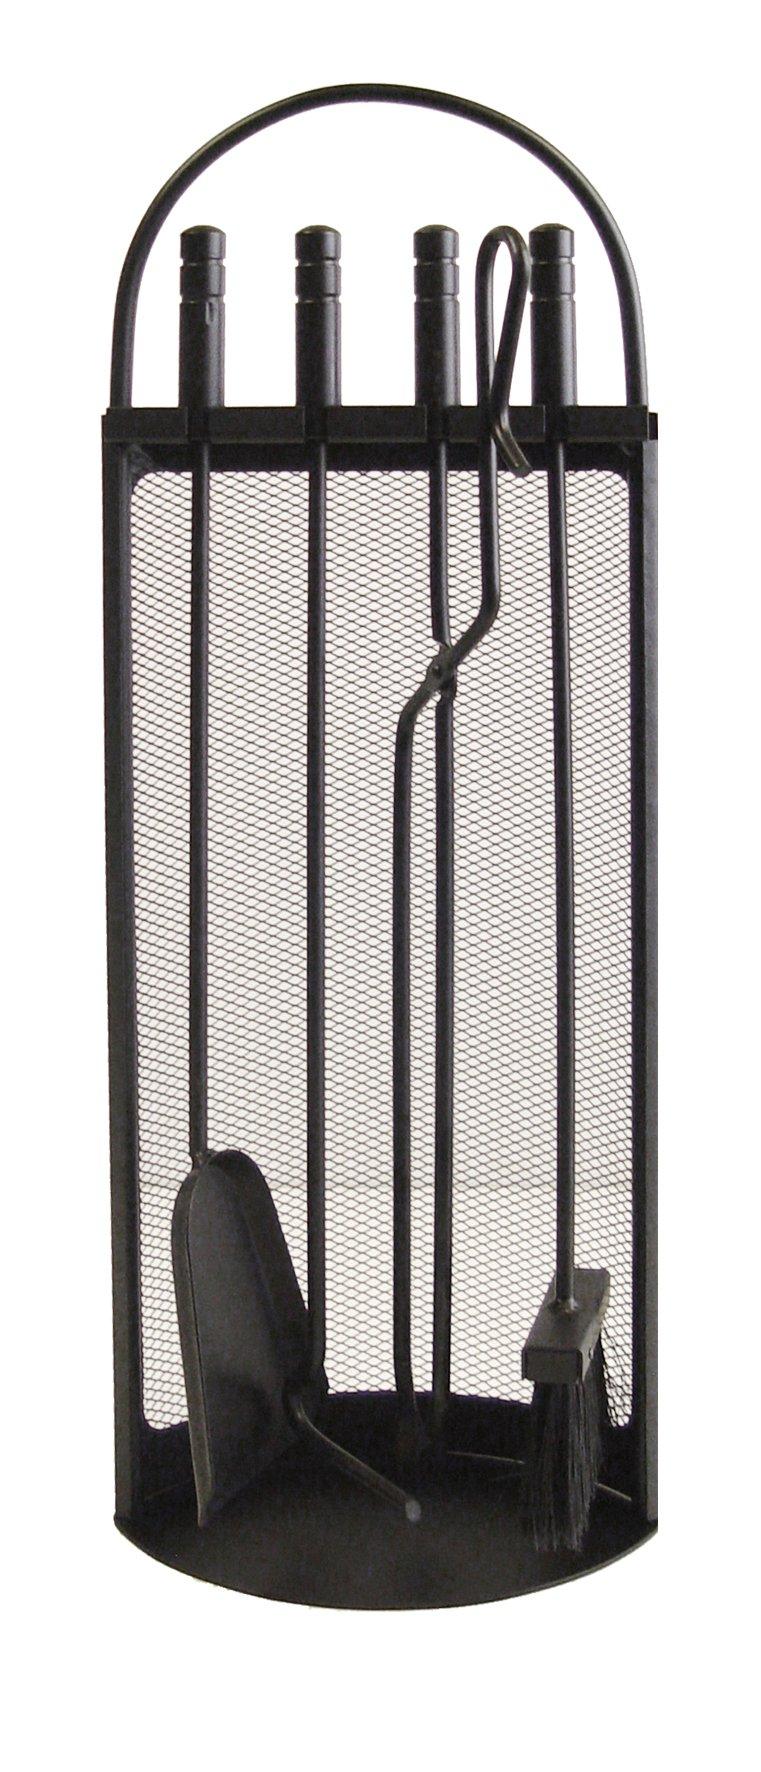 Imex El Zorro 10002 Juego para chimenea arco-malla (68 x 23 x 14 cm) útiles color negro